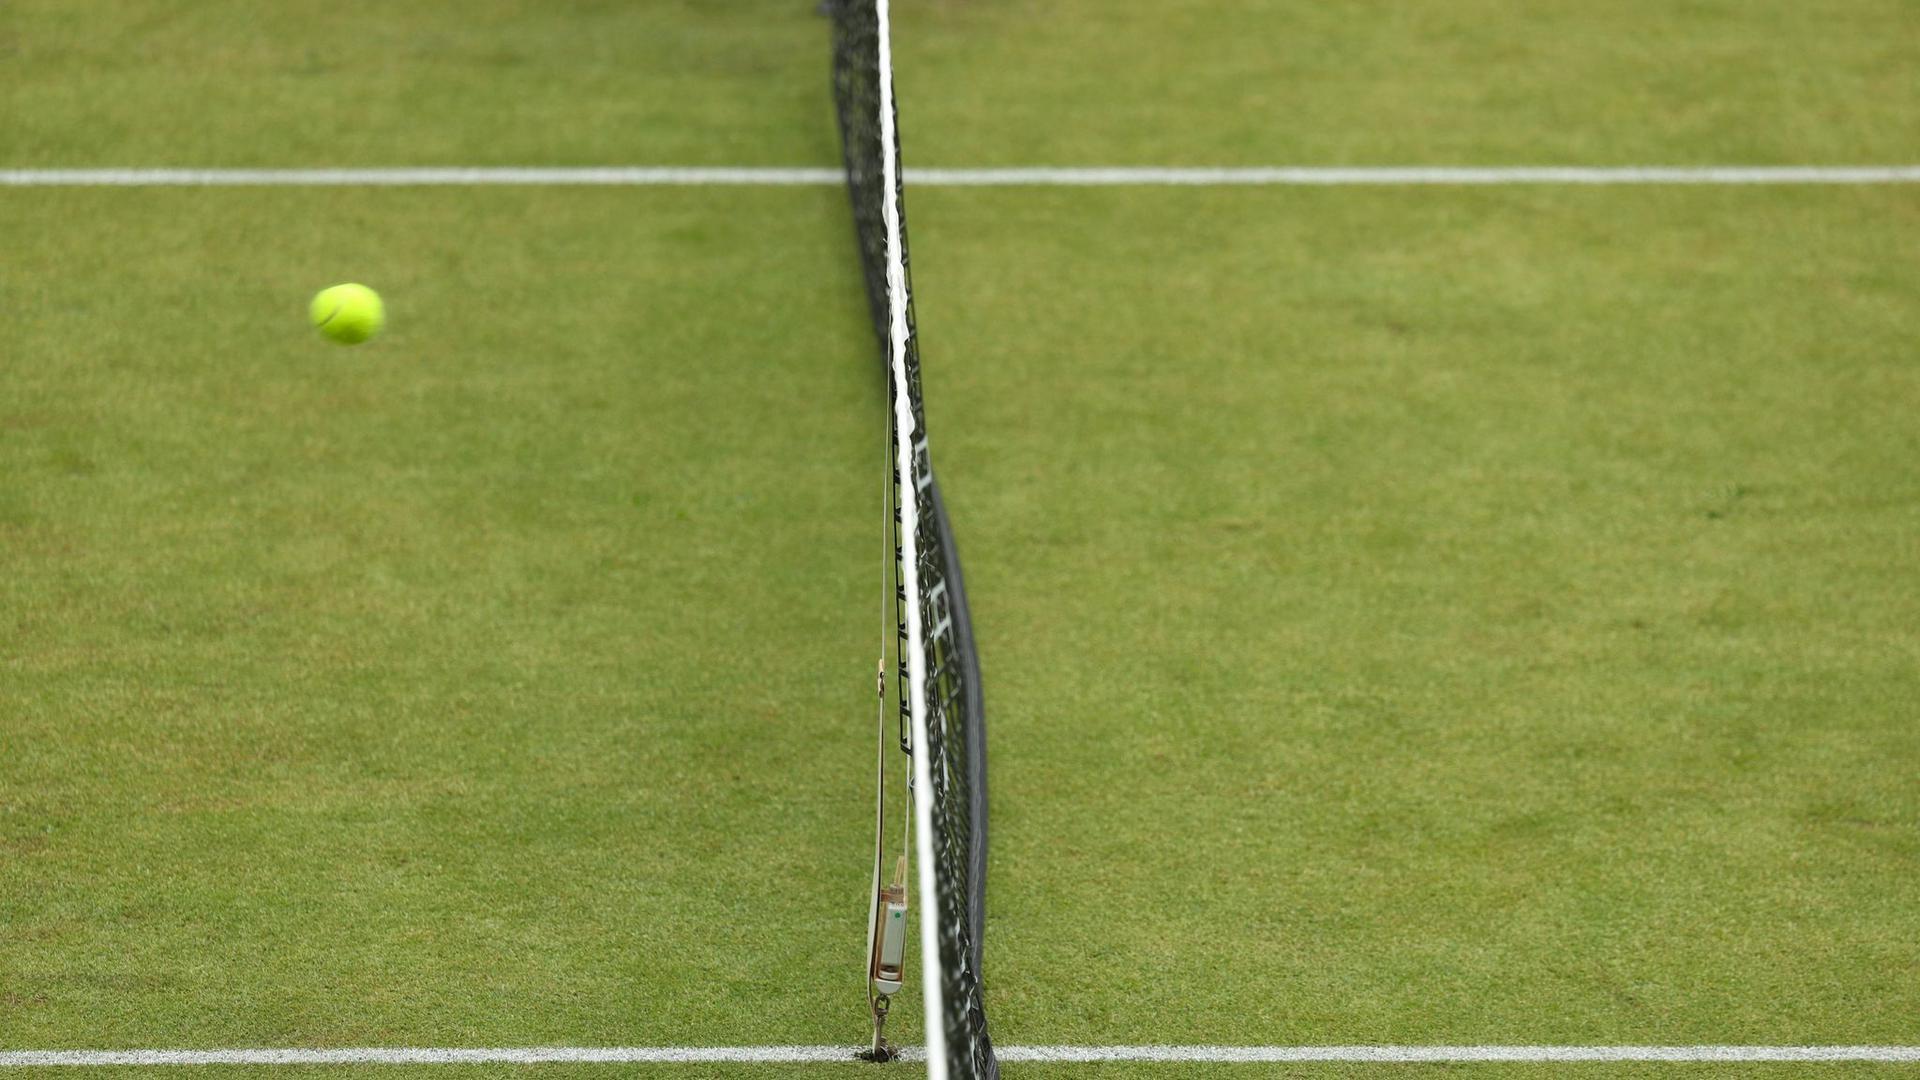 Ein Tennisball fliegt über das Netz.